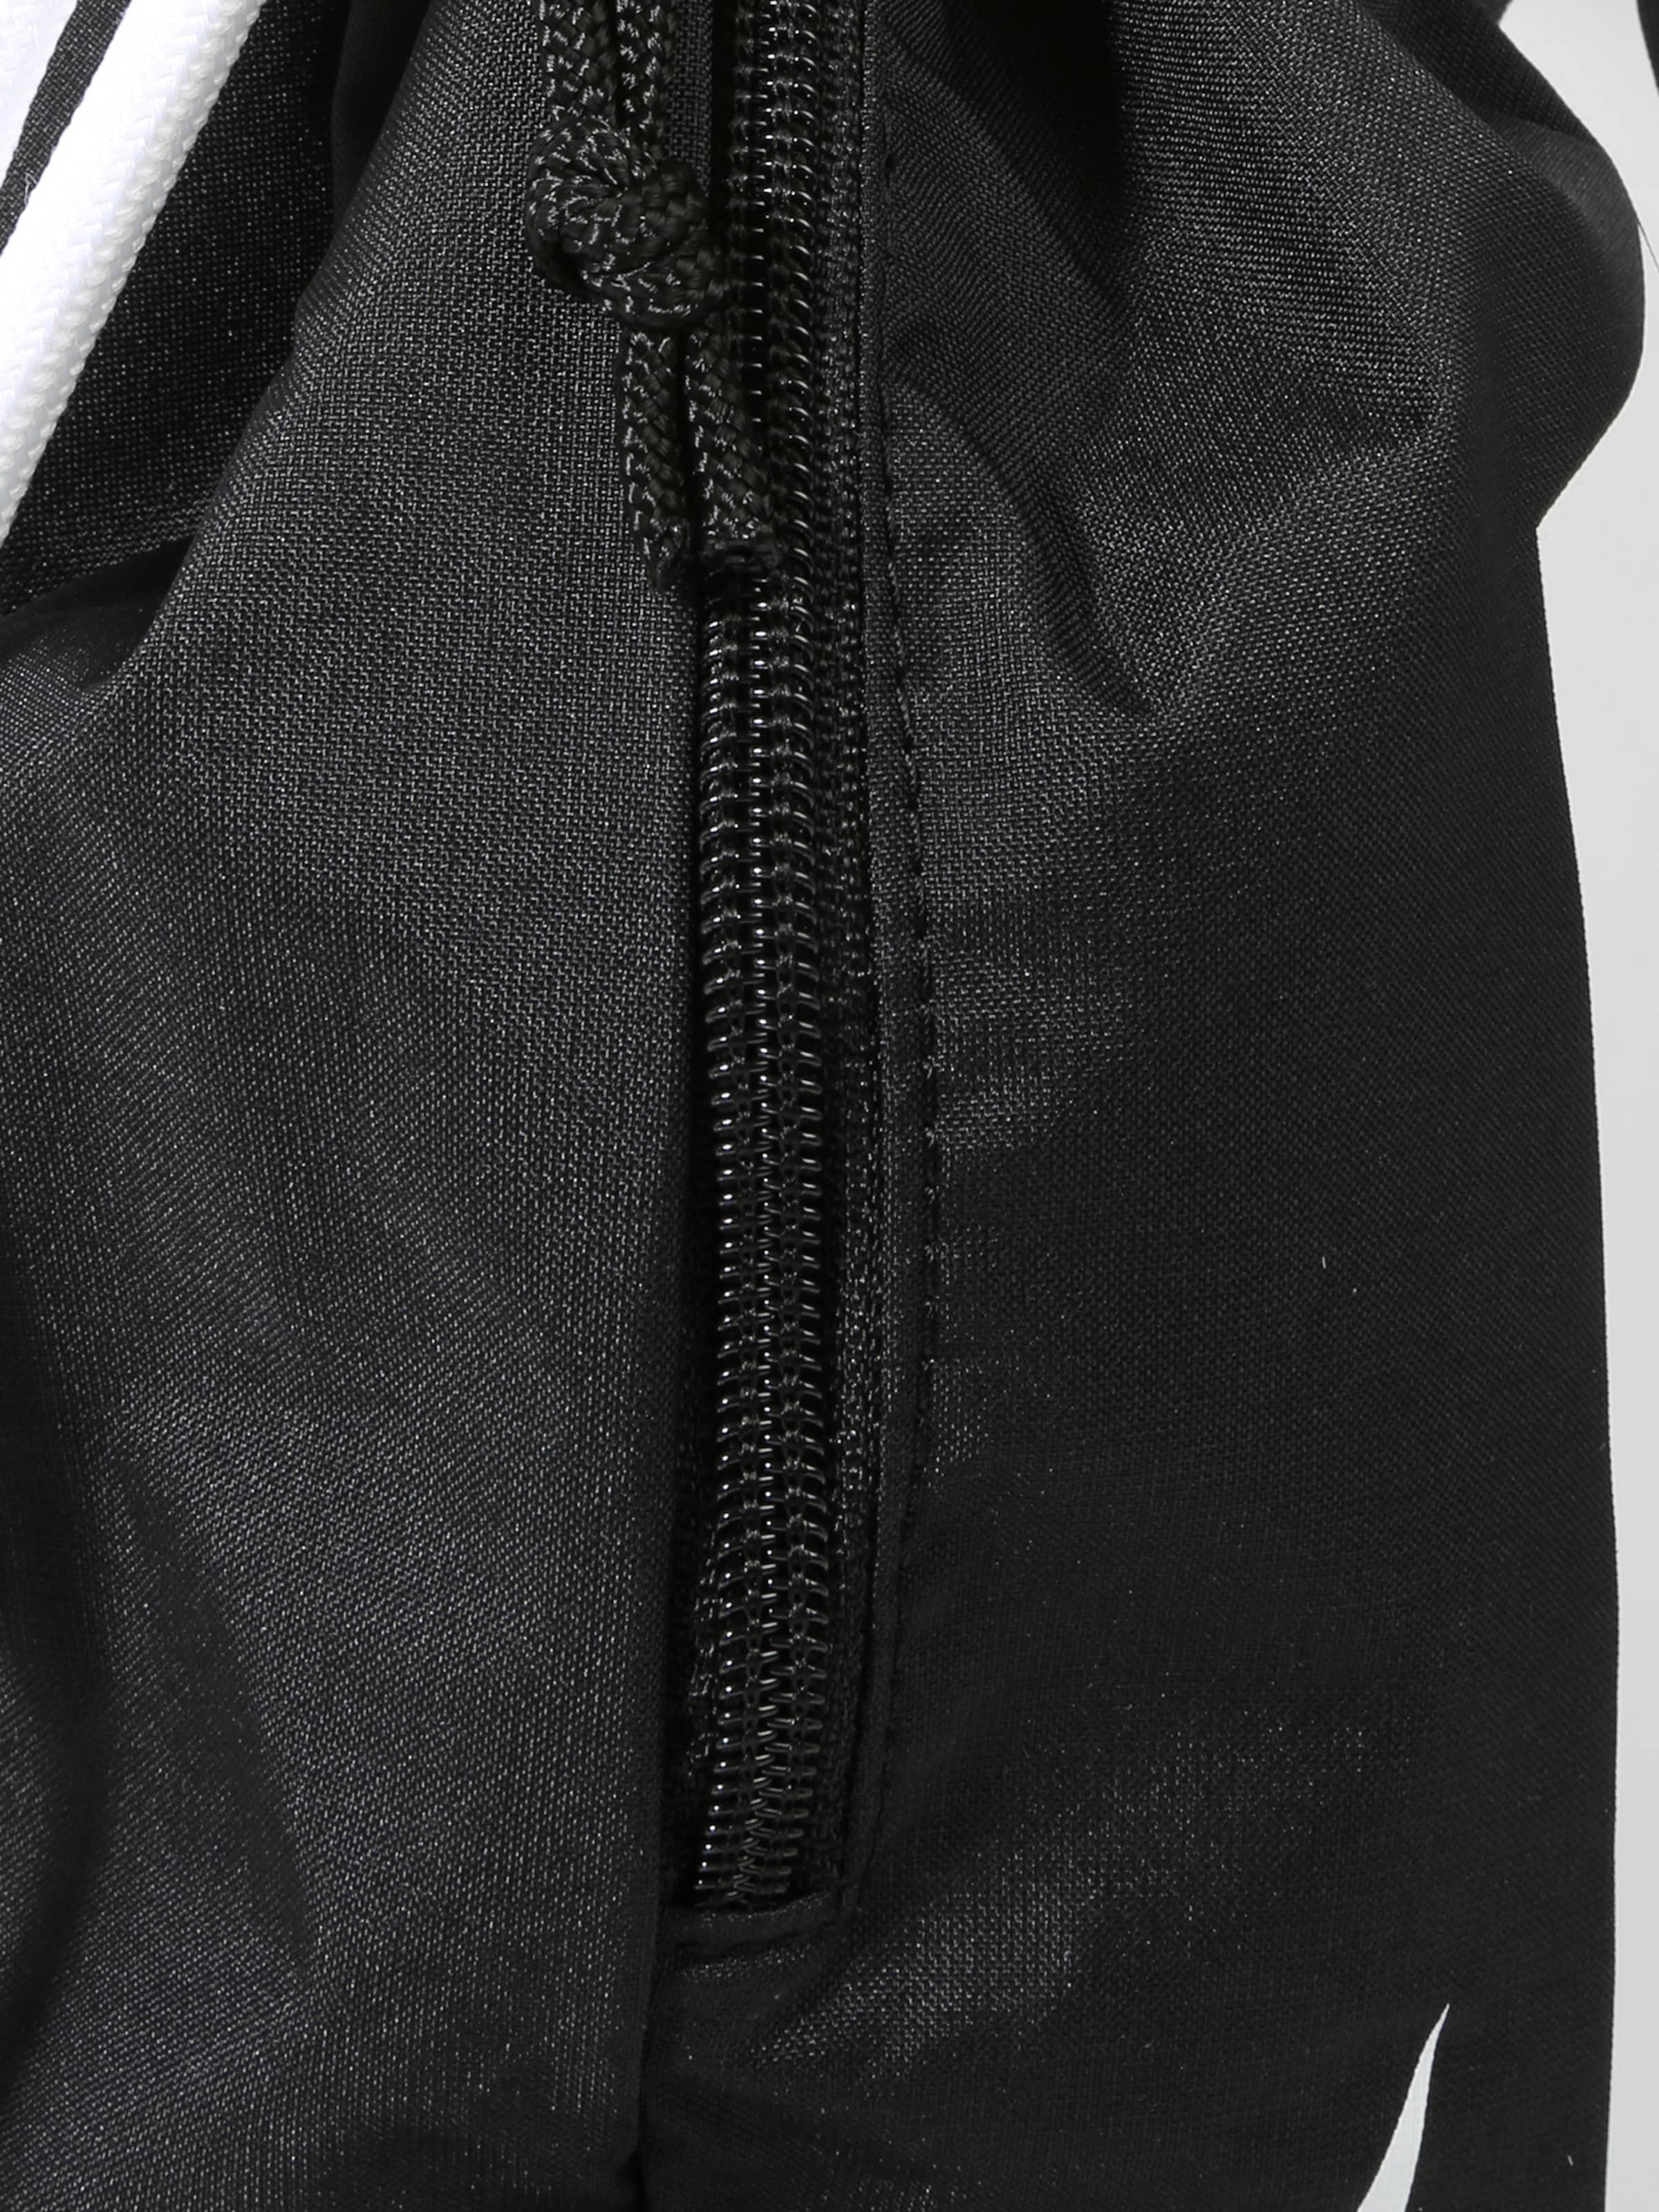 Nike Sportswear Sportbeutel 'Heritage' Online-Verkauf Erhalten Zu Kaufen Outlet Online-Shop Jkj4xKVA